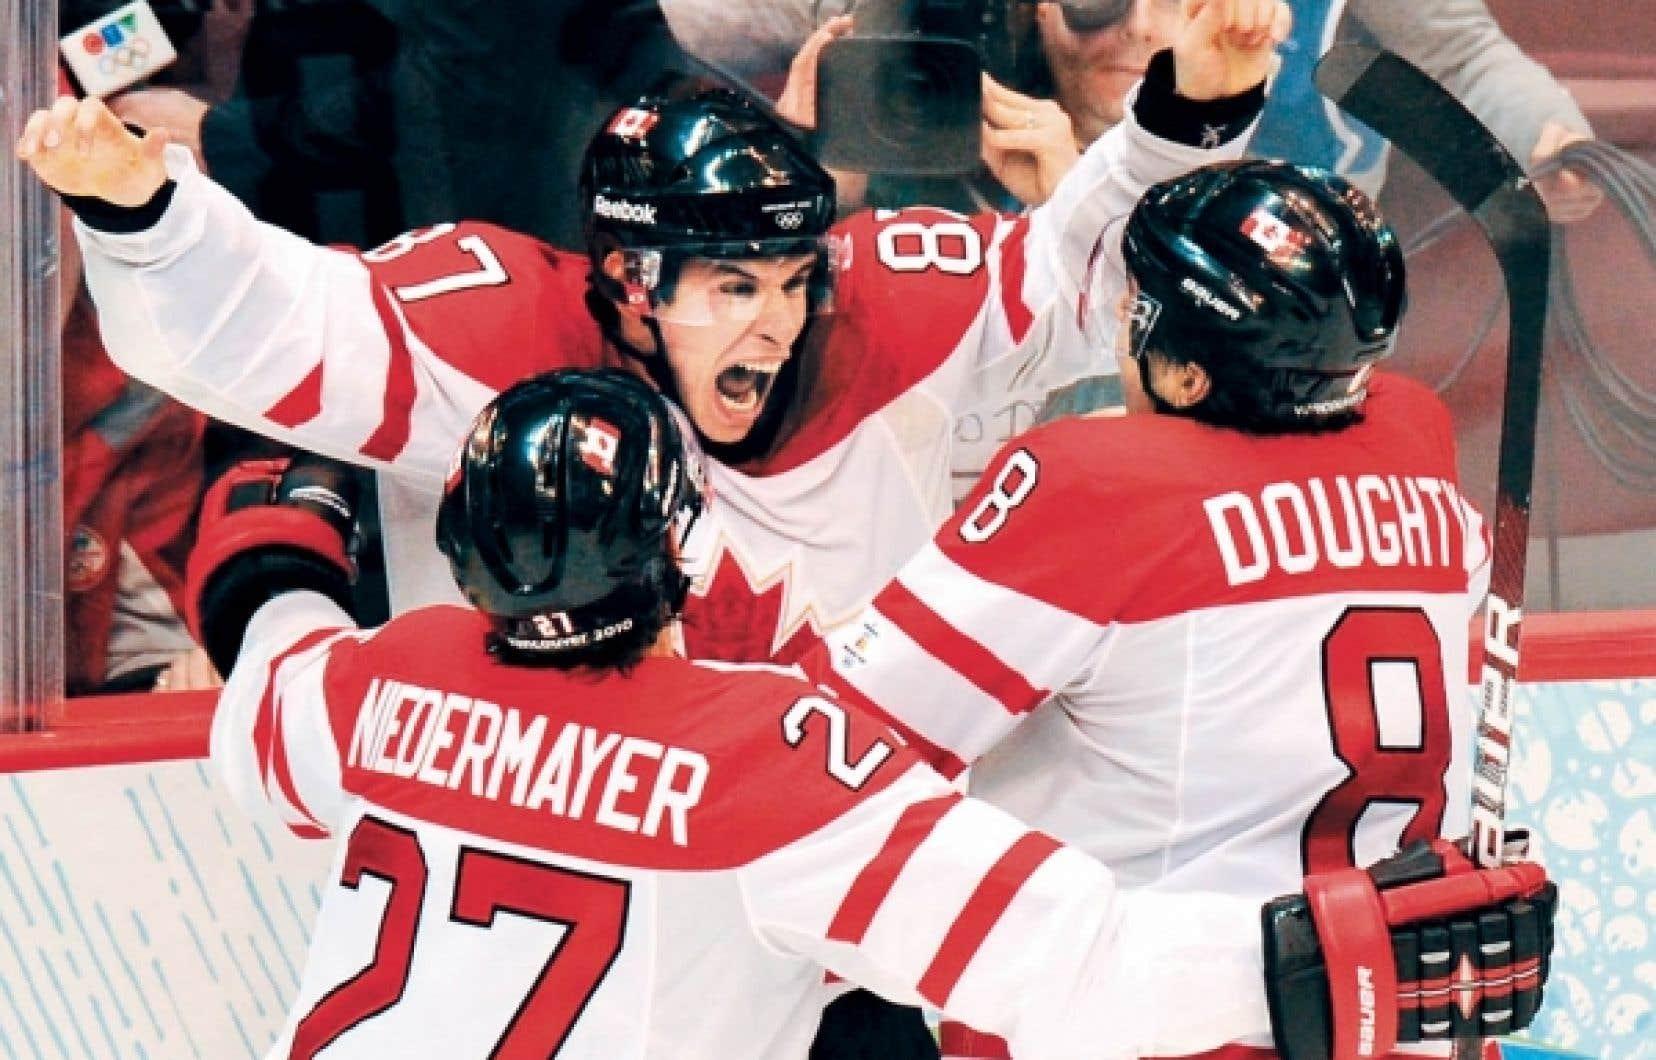 Sidney Crosby explose de joie après avoir marqué le but qui a donné une 14e médaille d'or au Canada, hier, pour clôturer les Jeux de Vancouver.